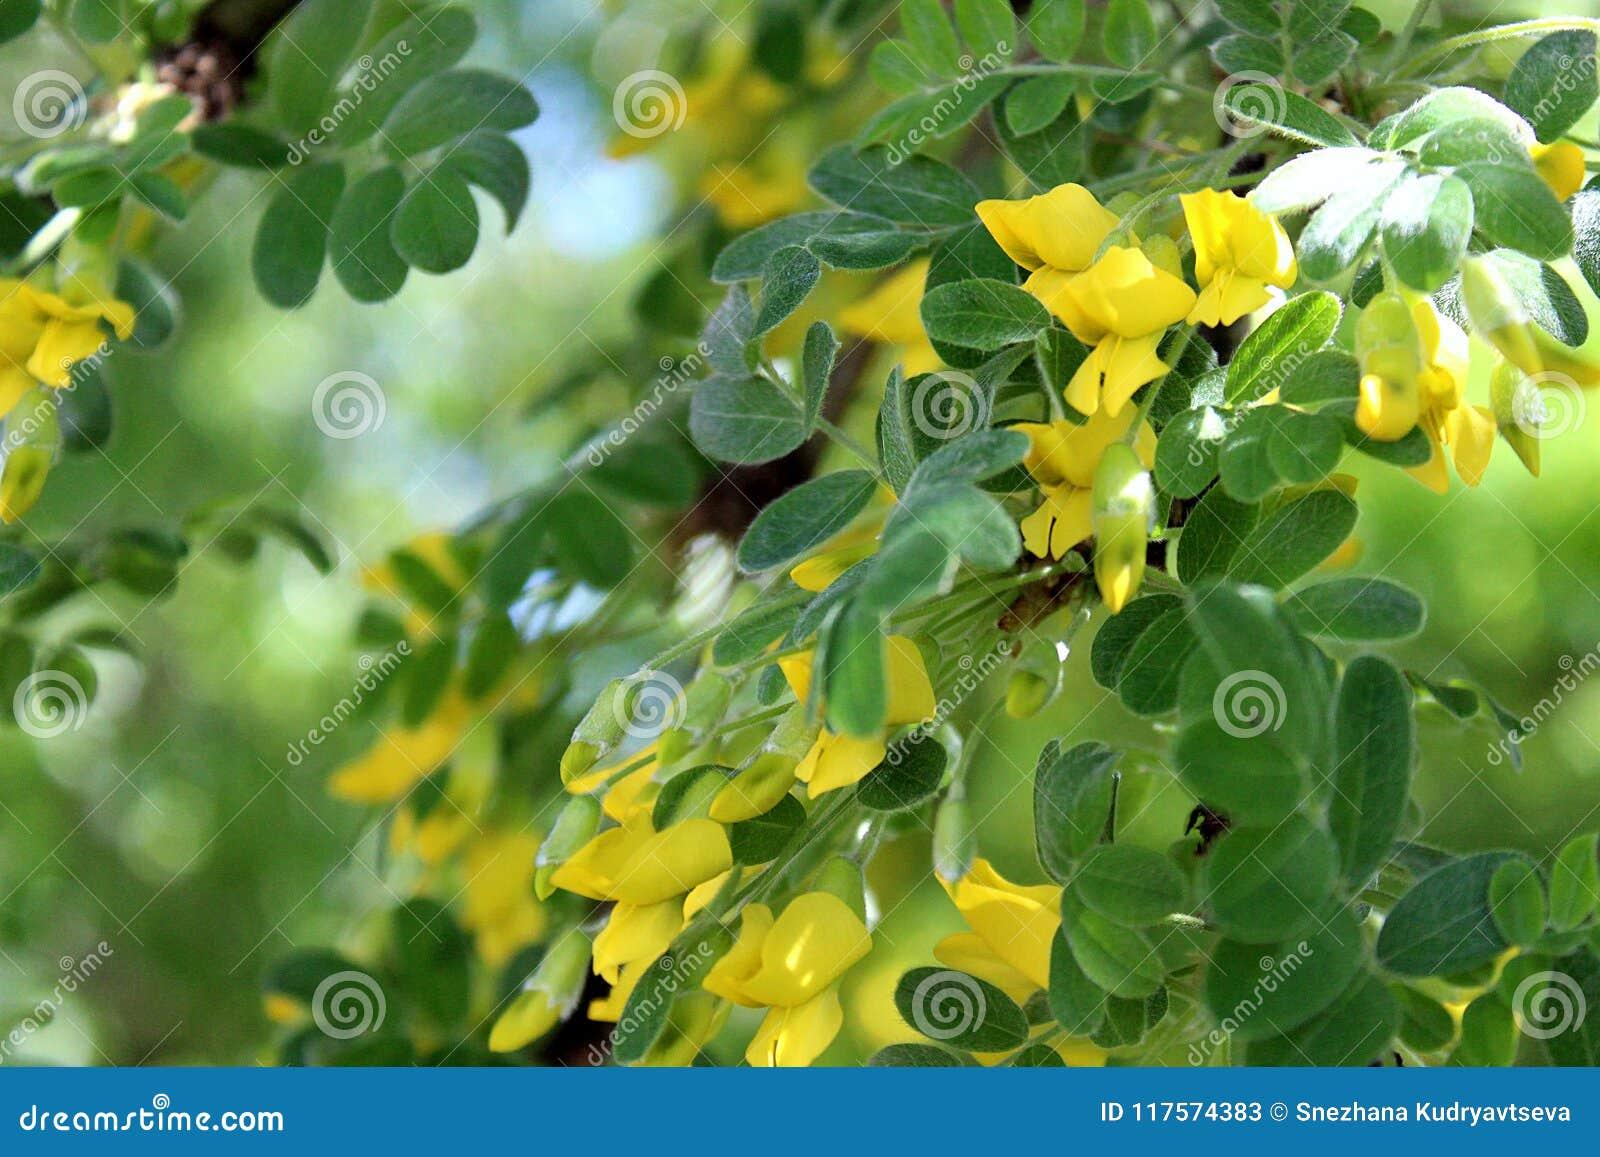 Fiori Gialli Cespuglio.Fiori Gialli Del Cespuglio Dell Acacia In Molla Tarda Immagine